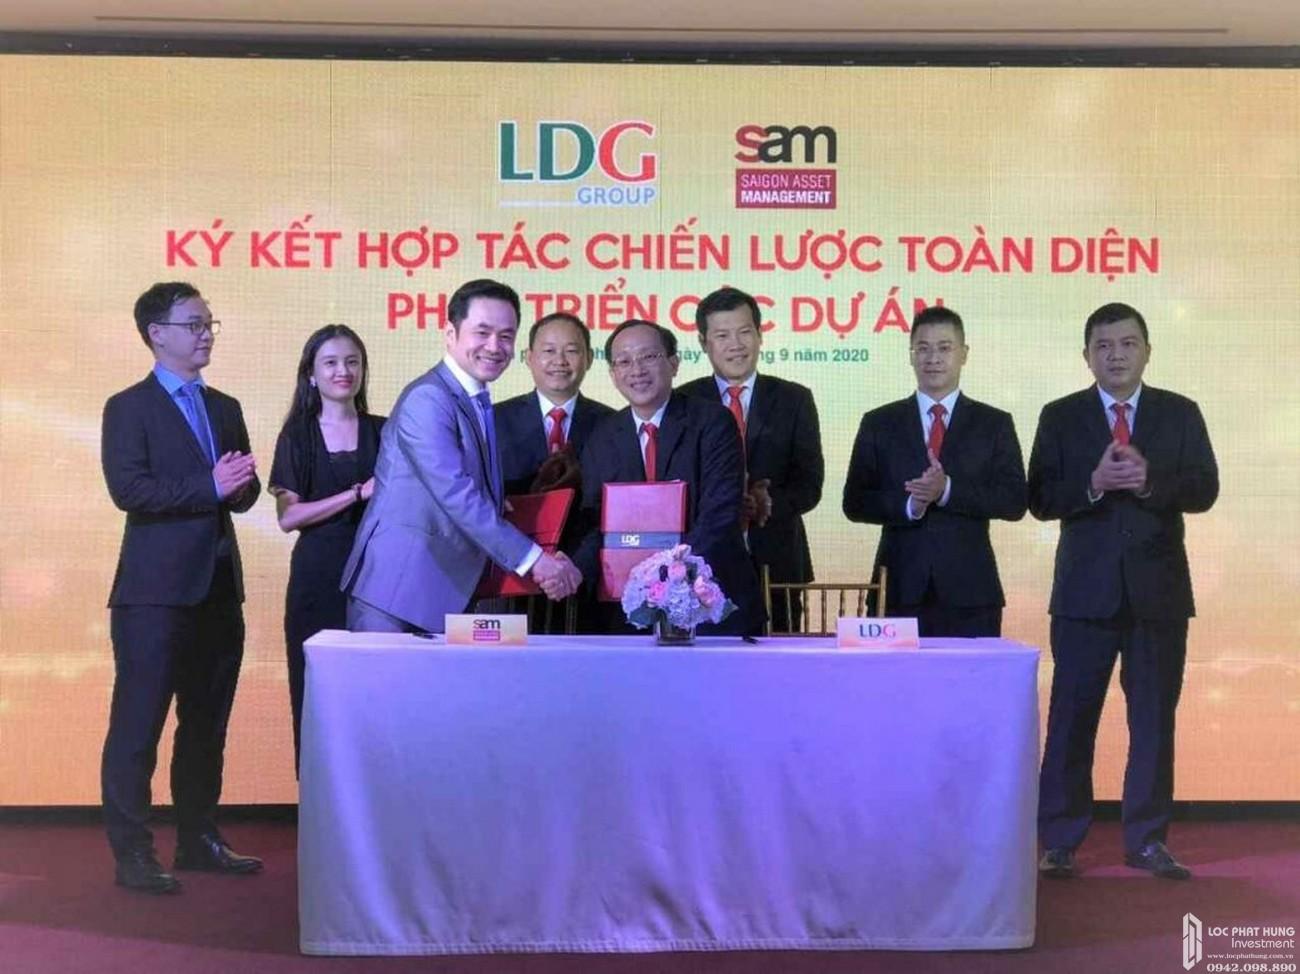 LDG kỳ vọng ký kết hợp tác chiến lược toàn diện với tập đoàn quản lý quỹ đầu tư S.A.M